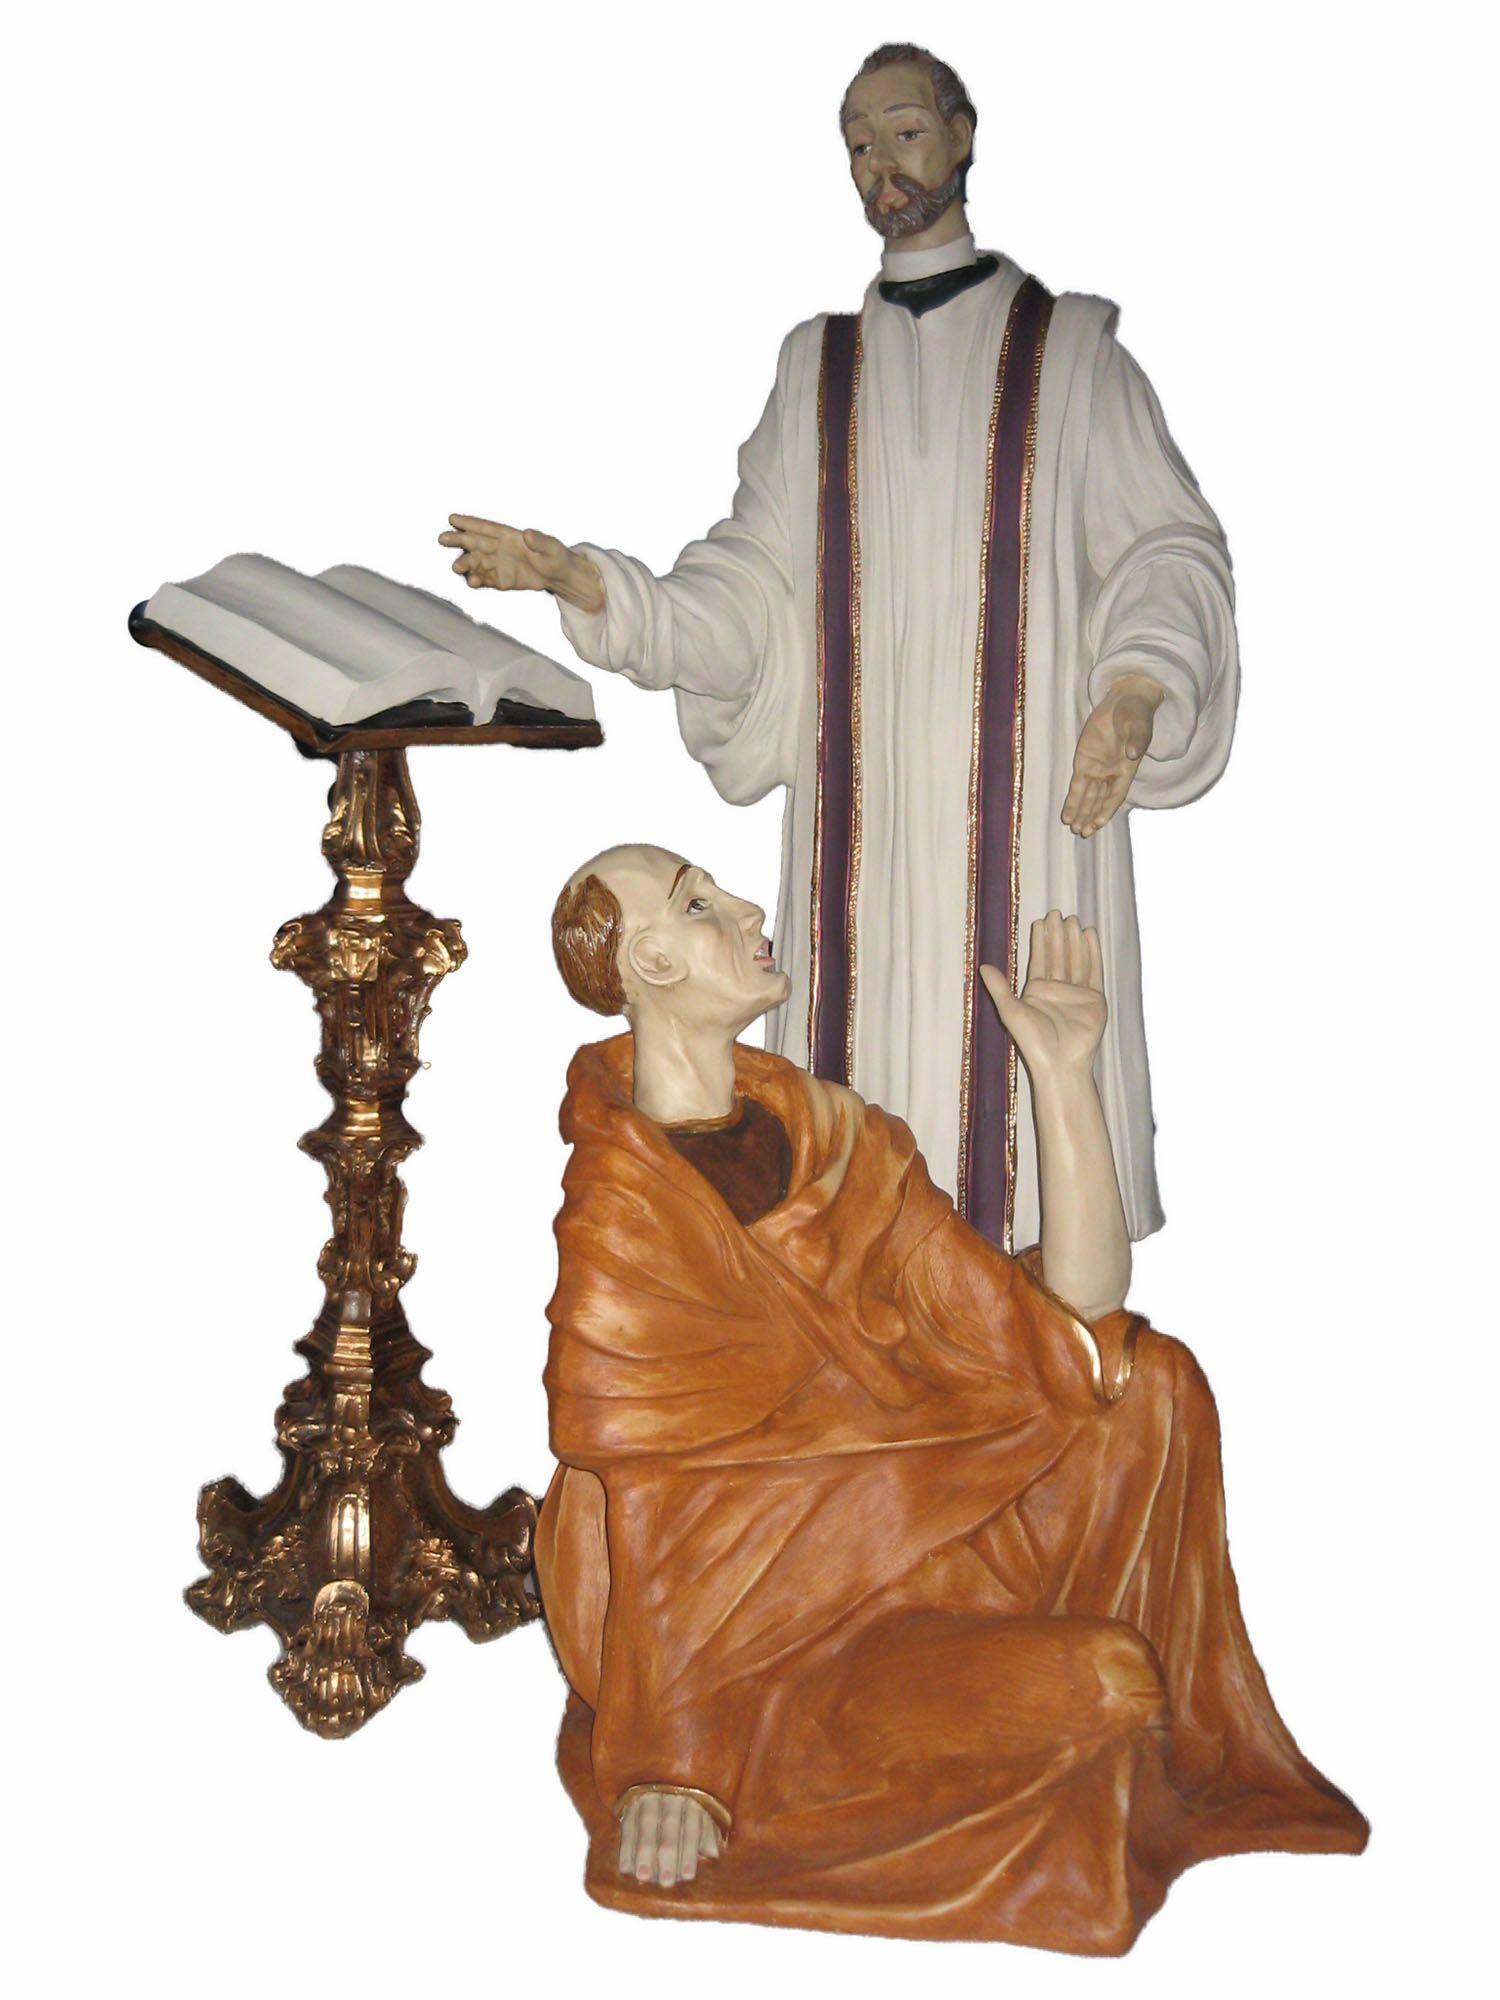 São Caetano de Thiene - 90 cm